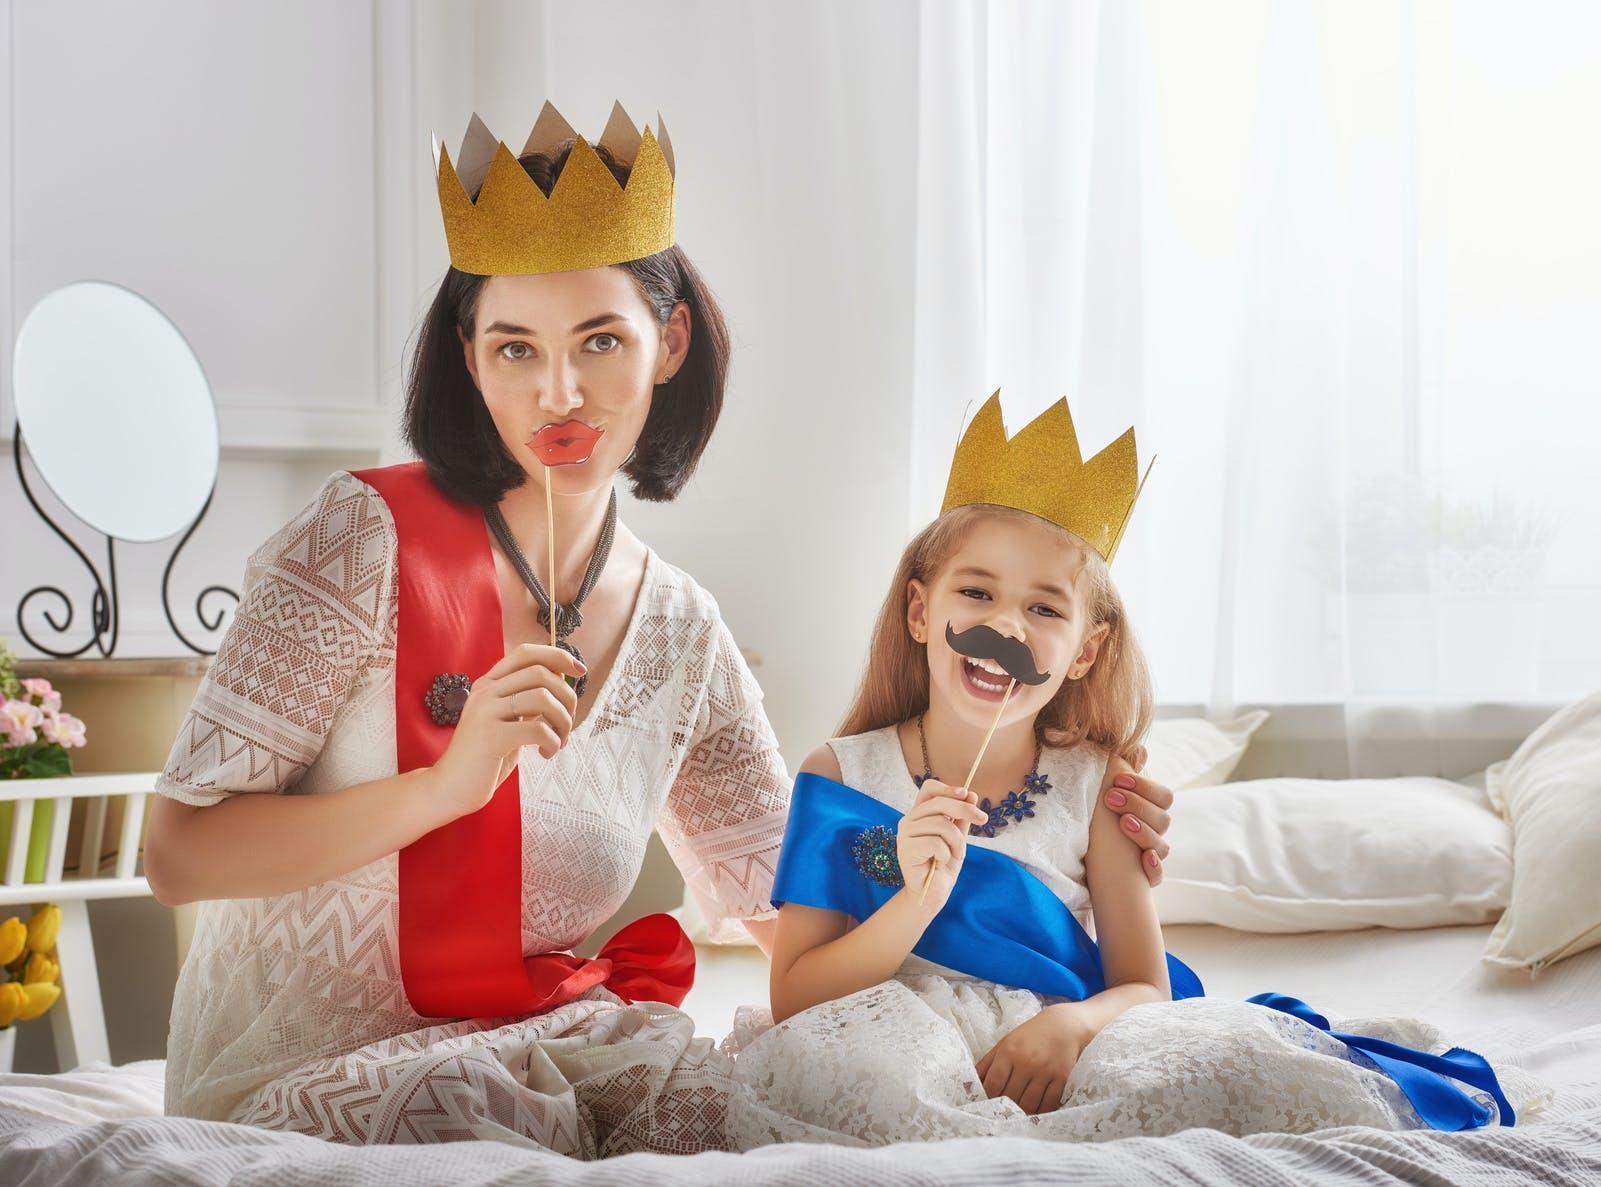 Activités en famille : 5 astuces pour s'amuser